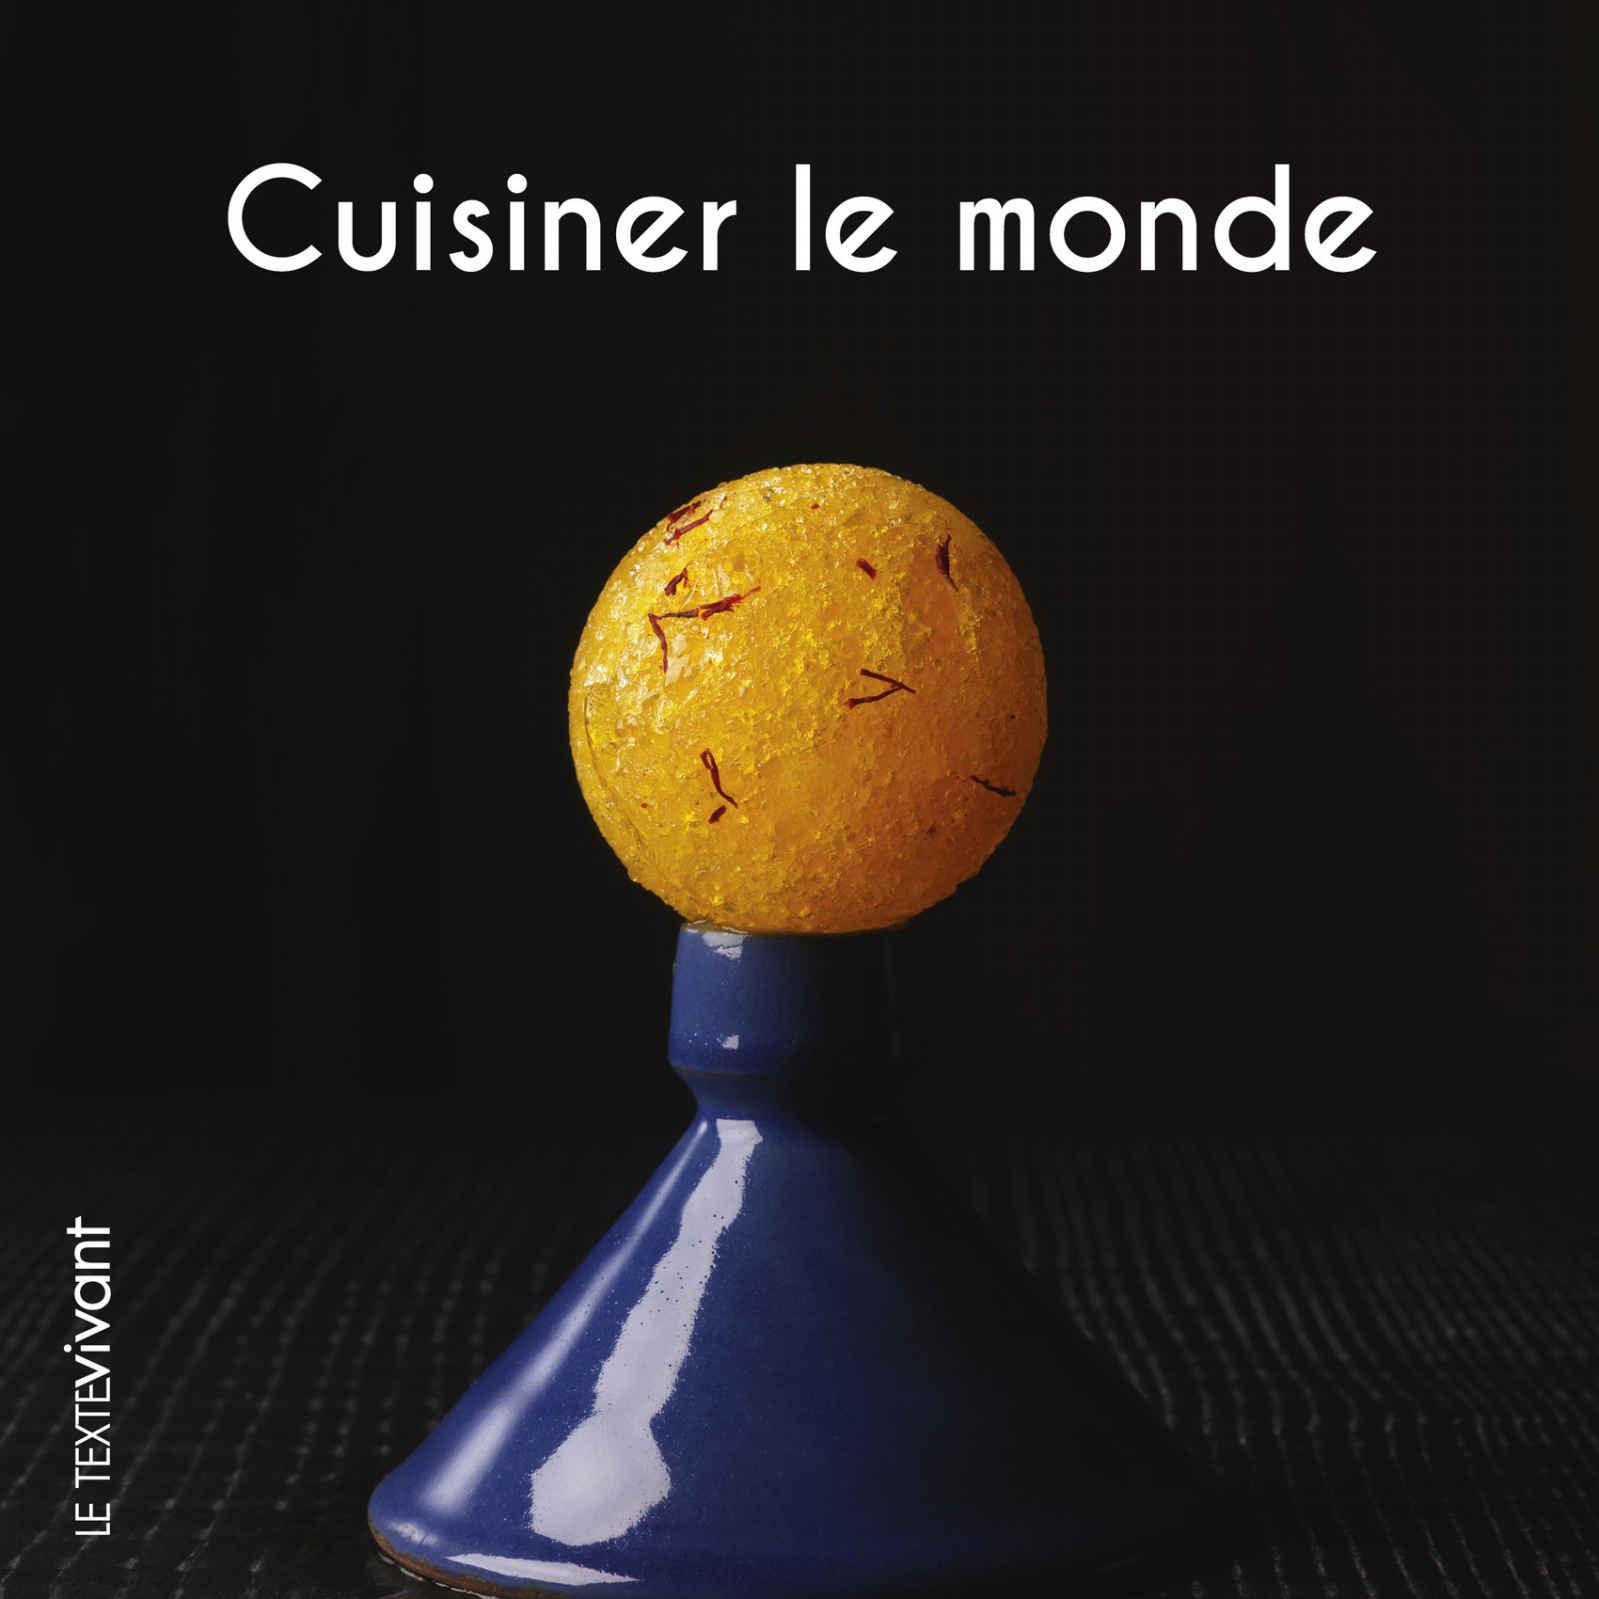 Cuisiner le monde, Ed. Le Texte Vivant